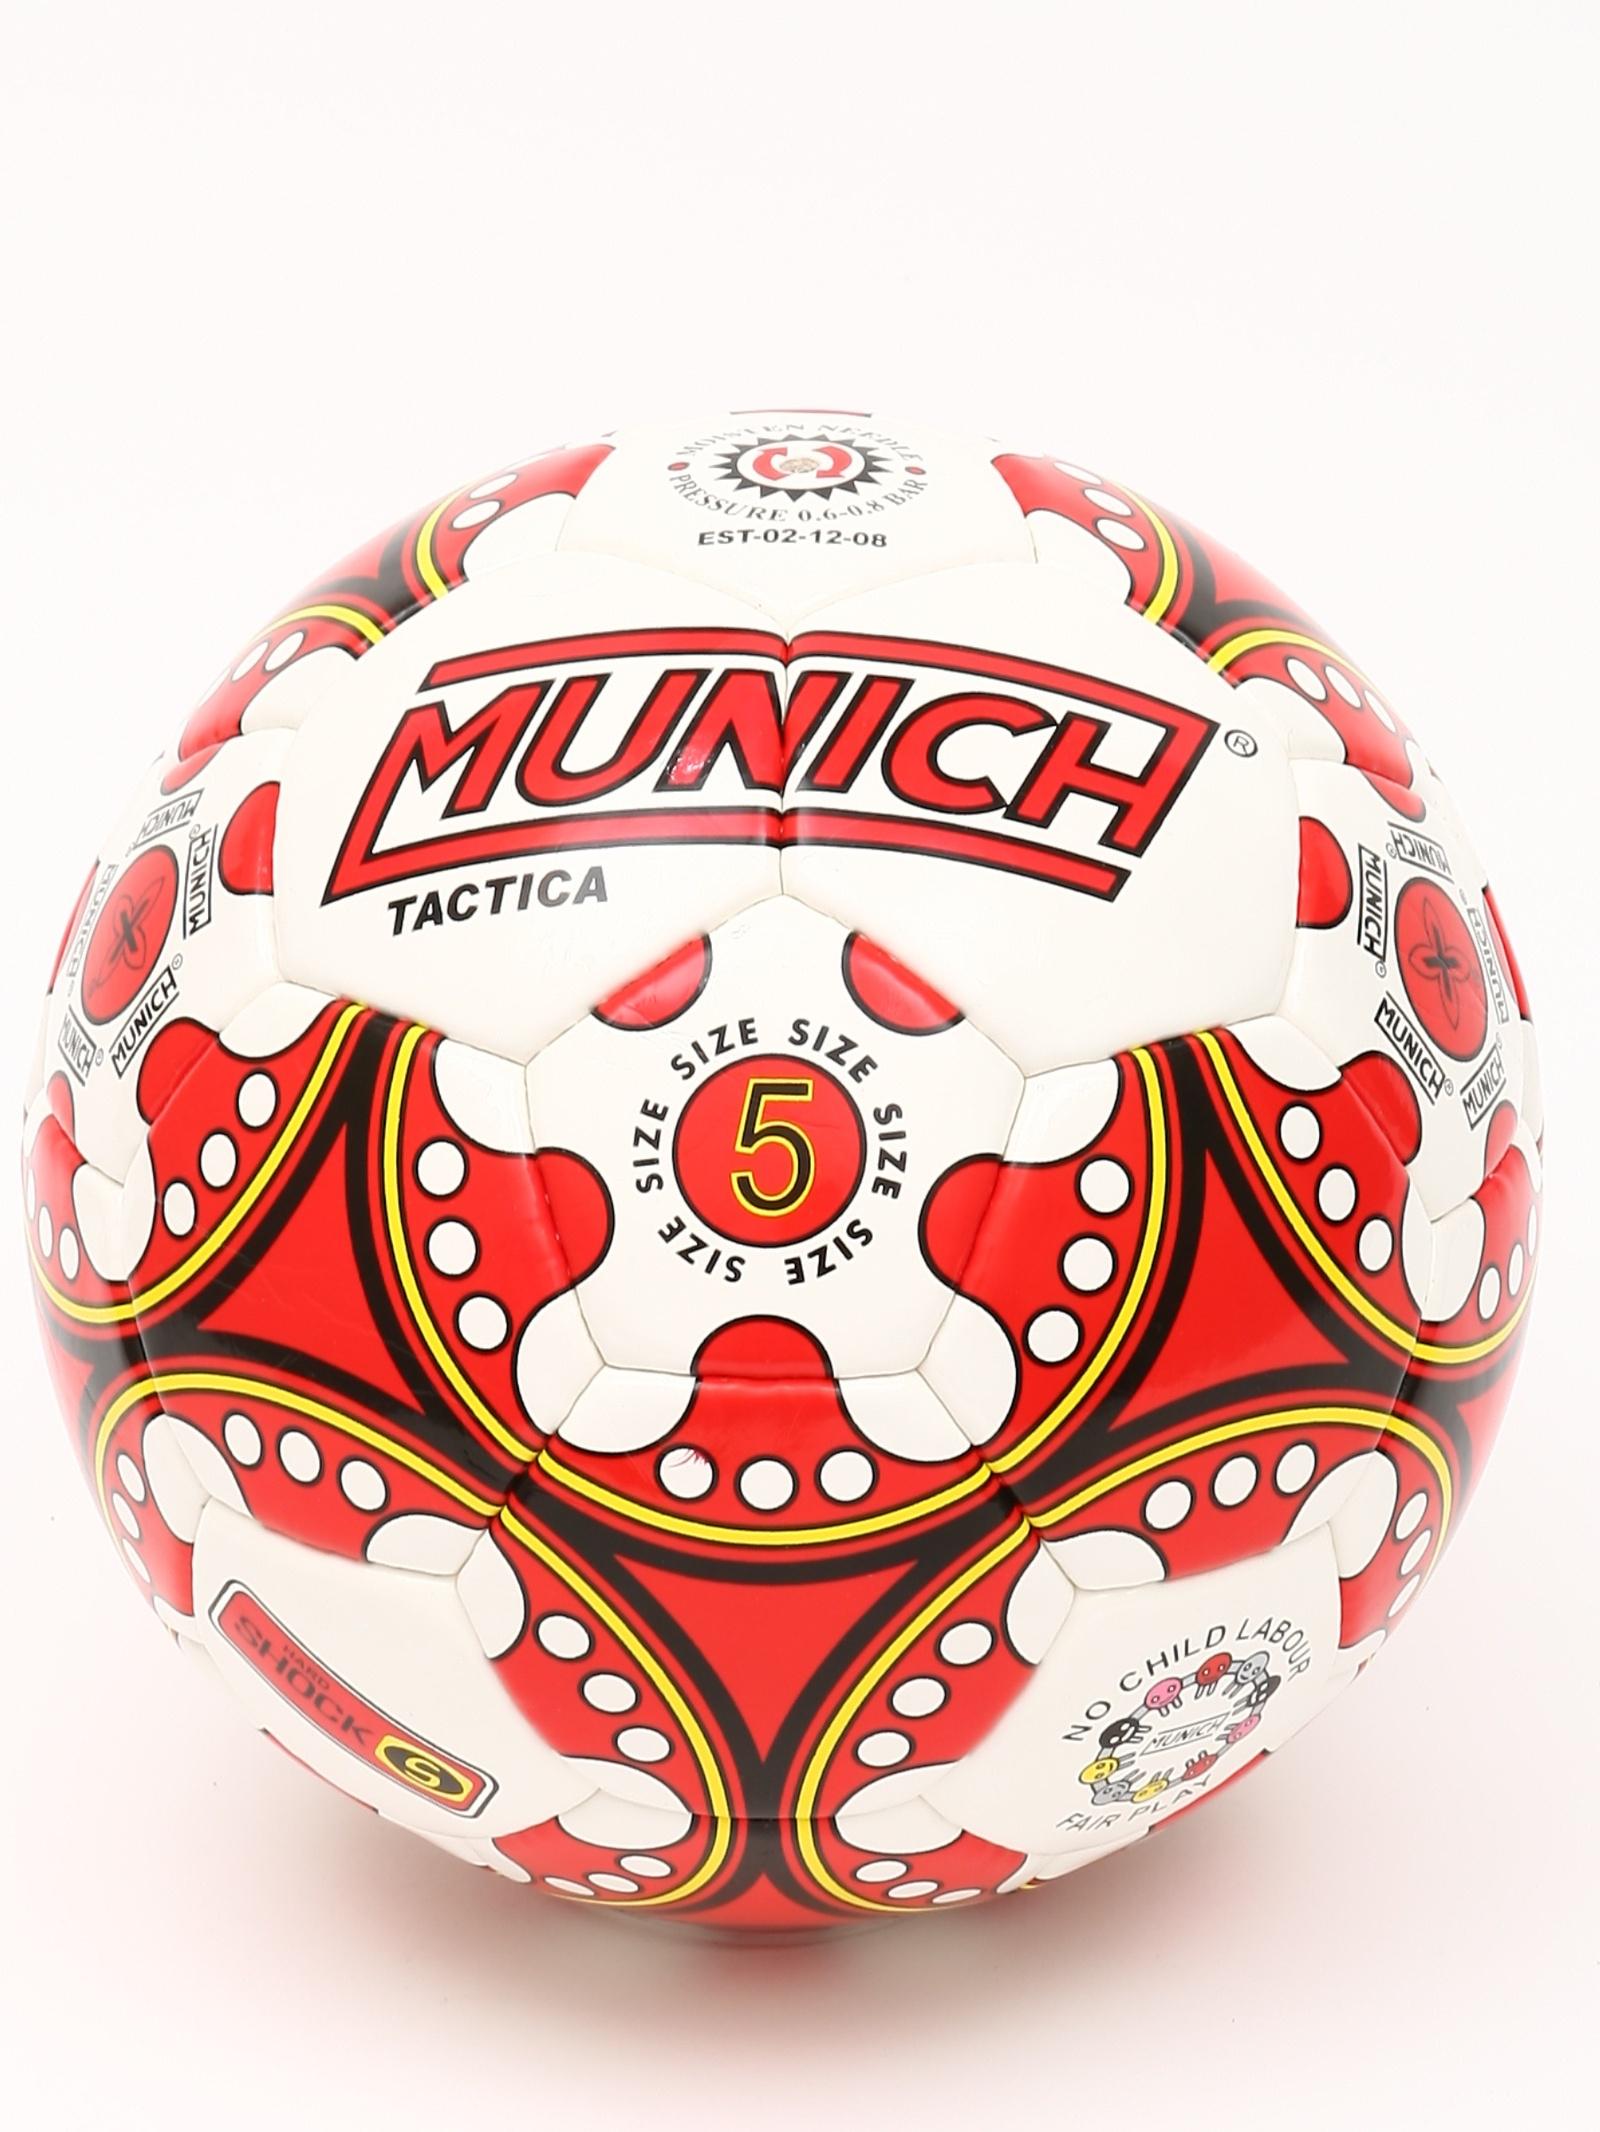 Мяч футбольный MUNICH Мяч футбольный TACTICA №5 WHITE, белый гирлянда luazon метраж футбольный мяч 5m ed 20 220v white 2433914